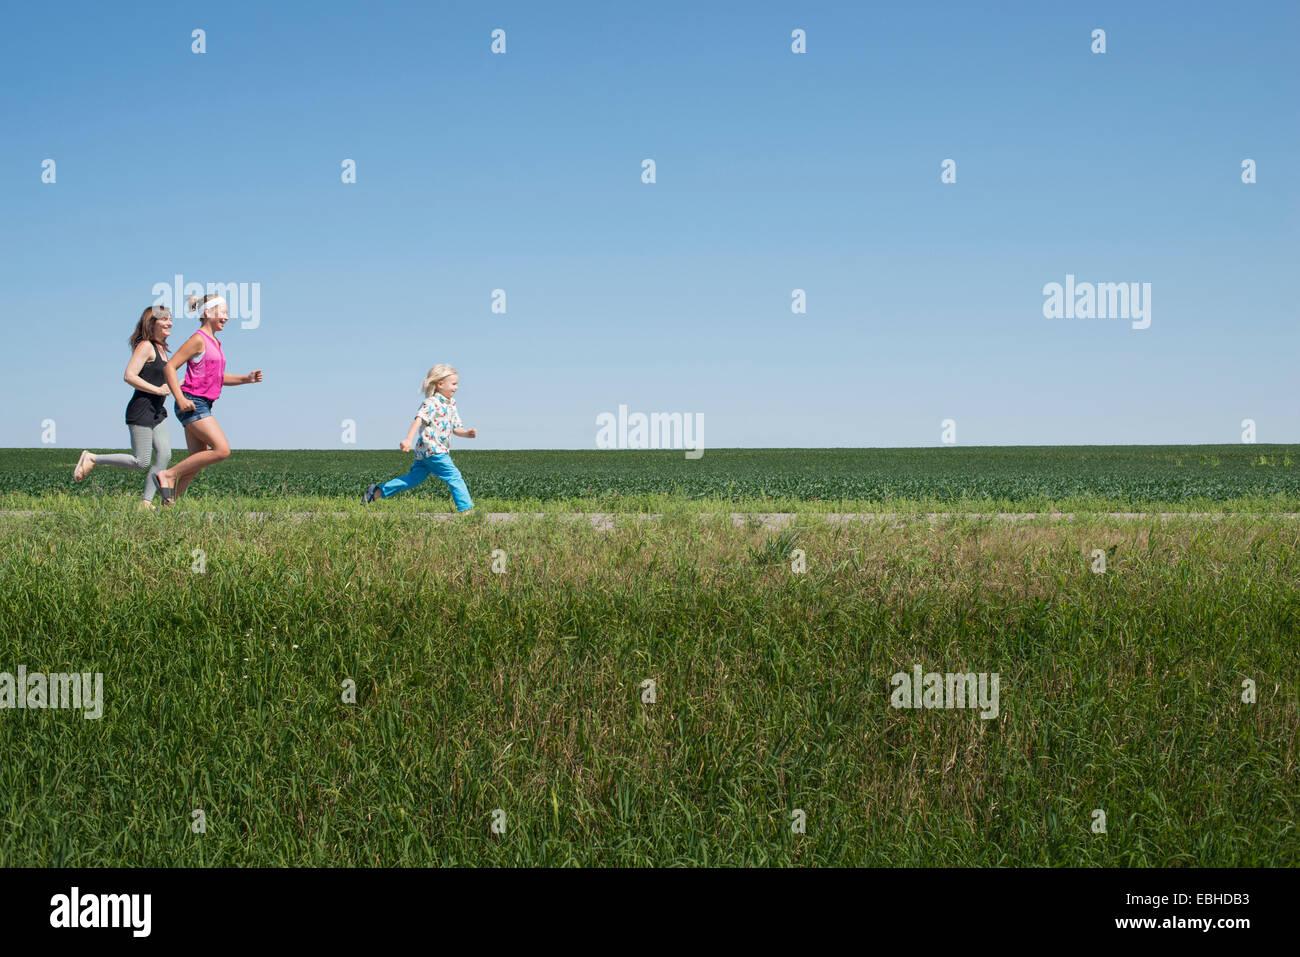 Tres personas corriendo por el campo Imagen De Stock